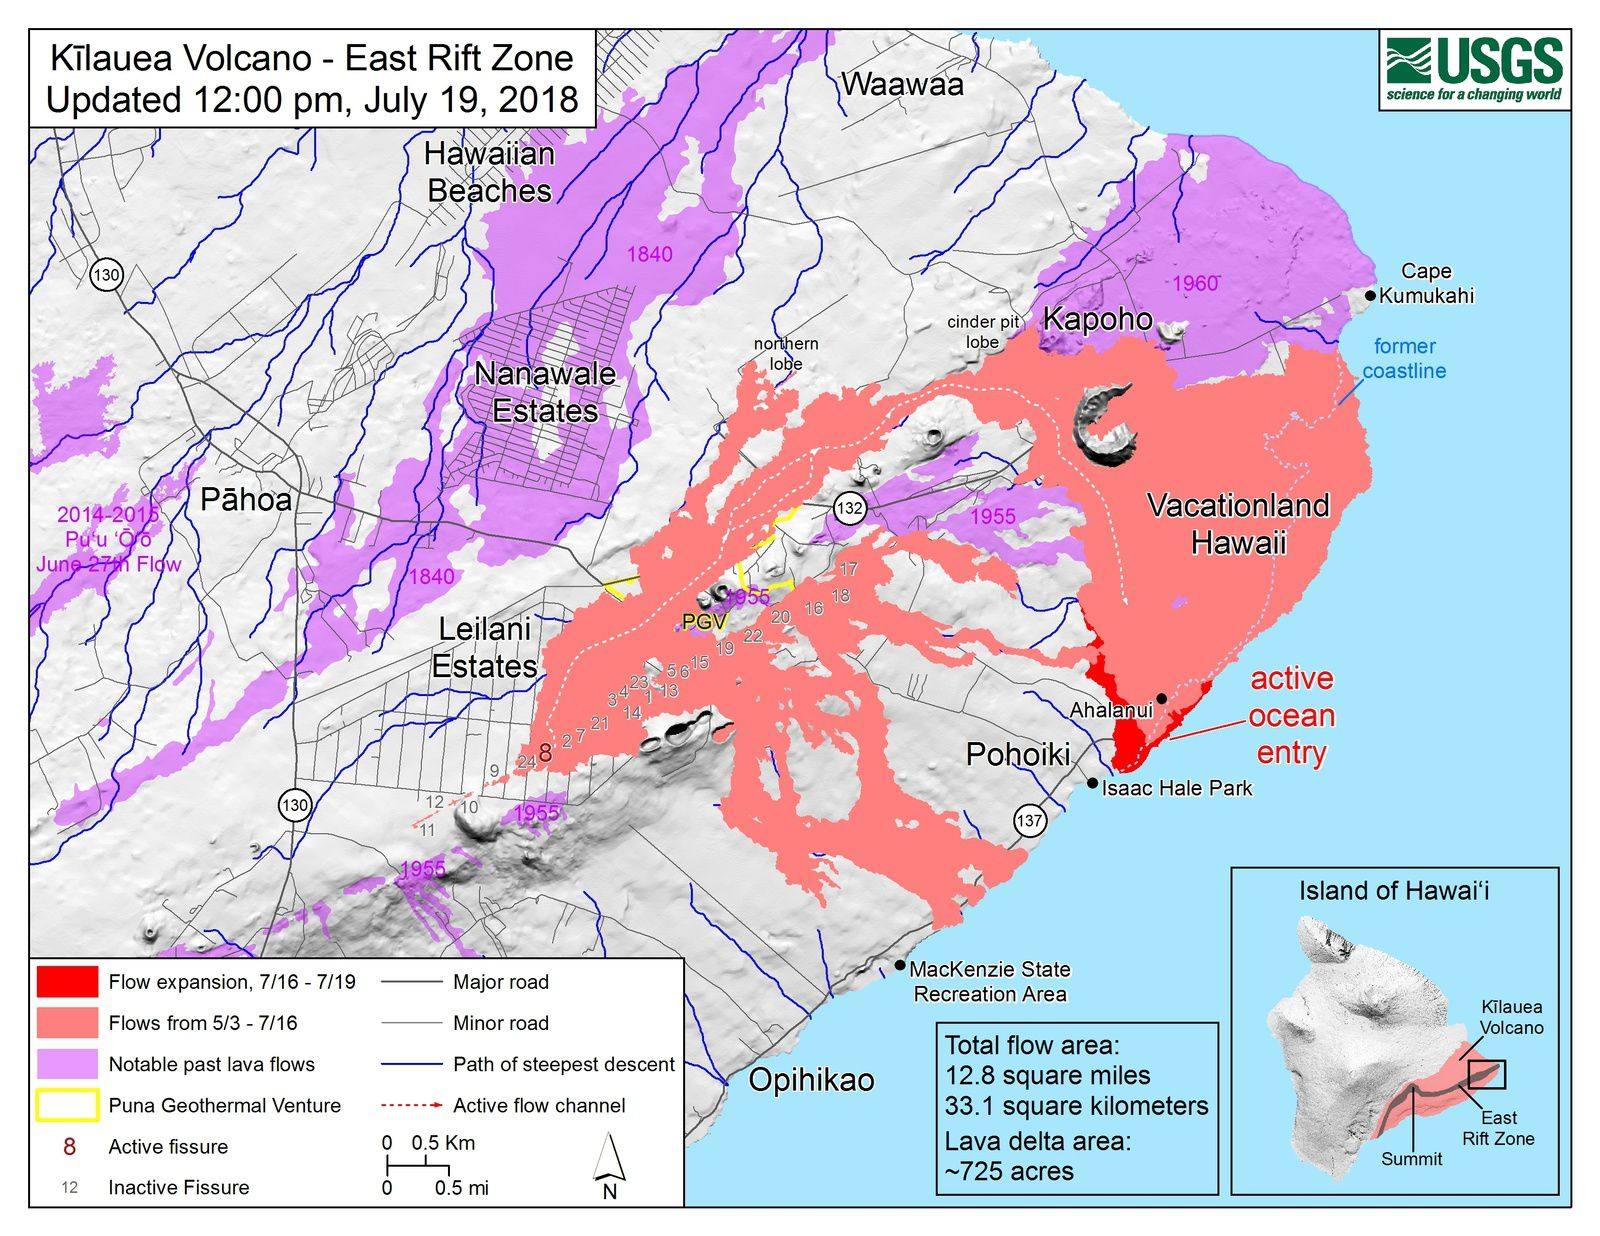 Kilauea zone de rift Est - pas d'extension de la zone des coulées entre les cartes du 22.07 / 14h et du 19.07 / 12pm - Doc.HVO-USGS - un clic pour agrandir